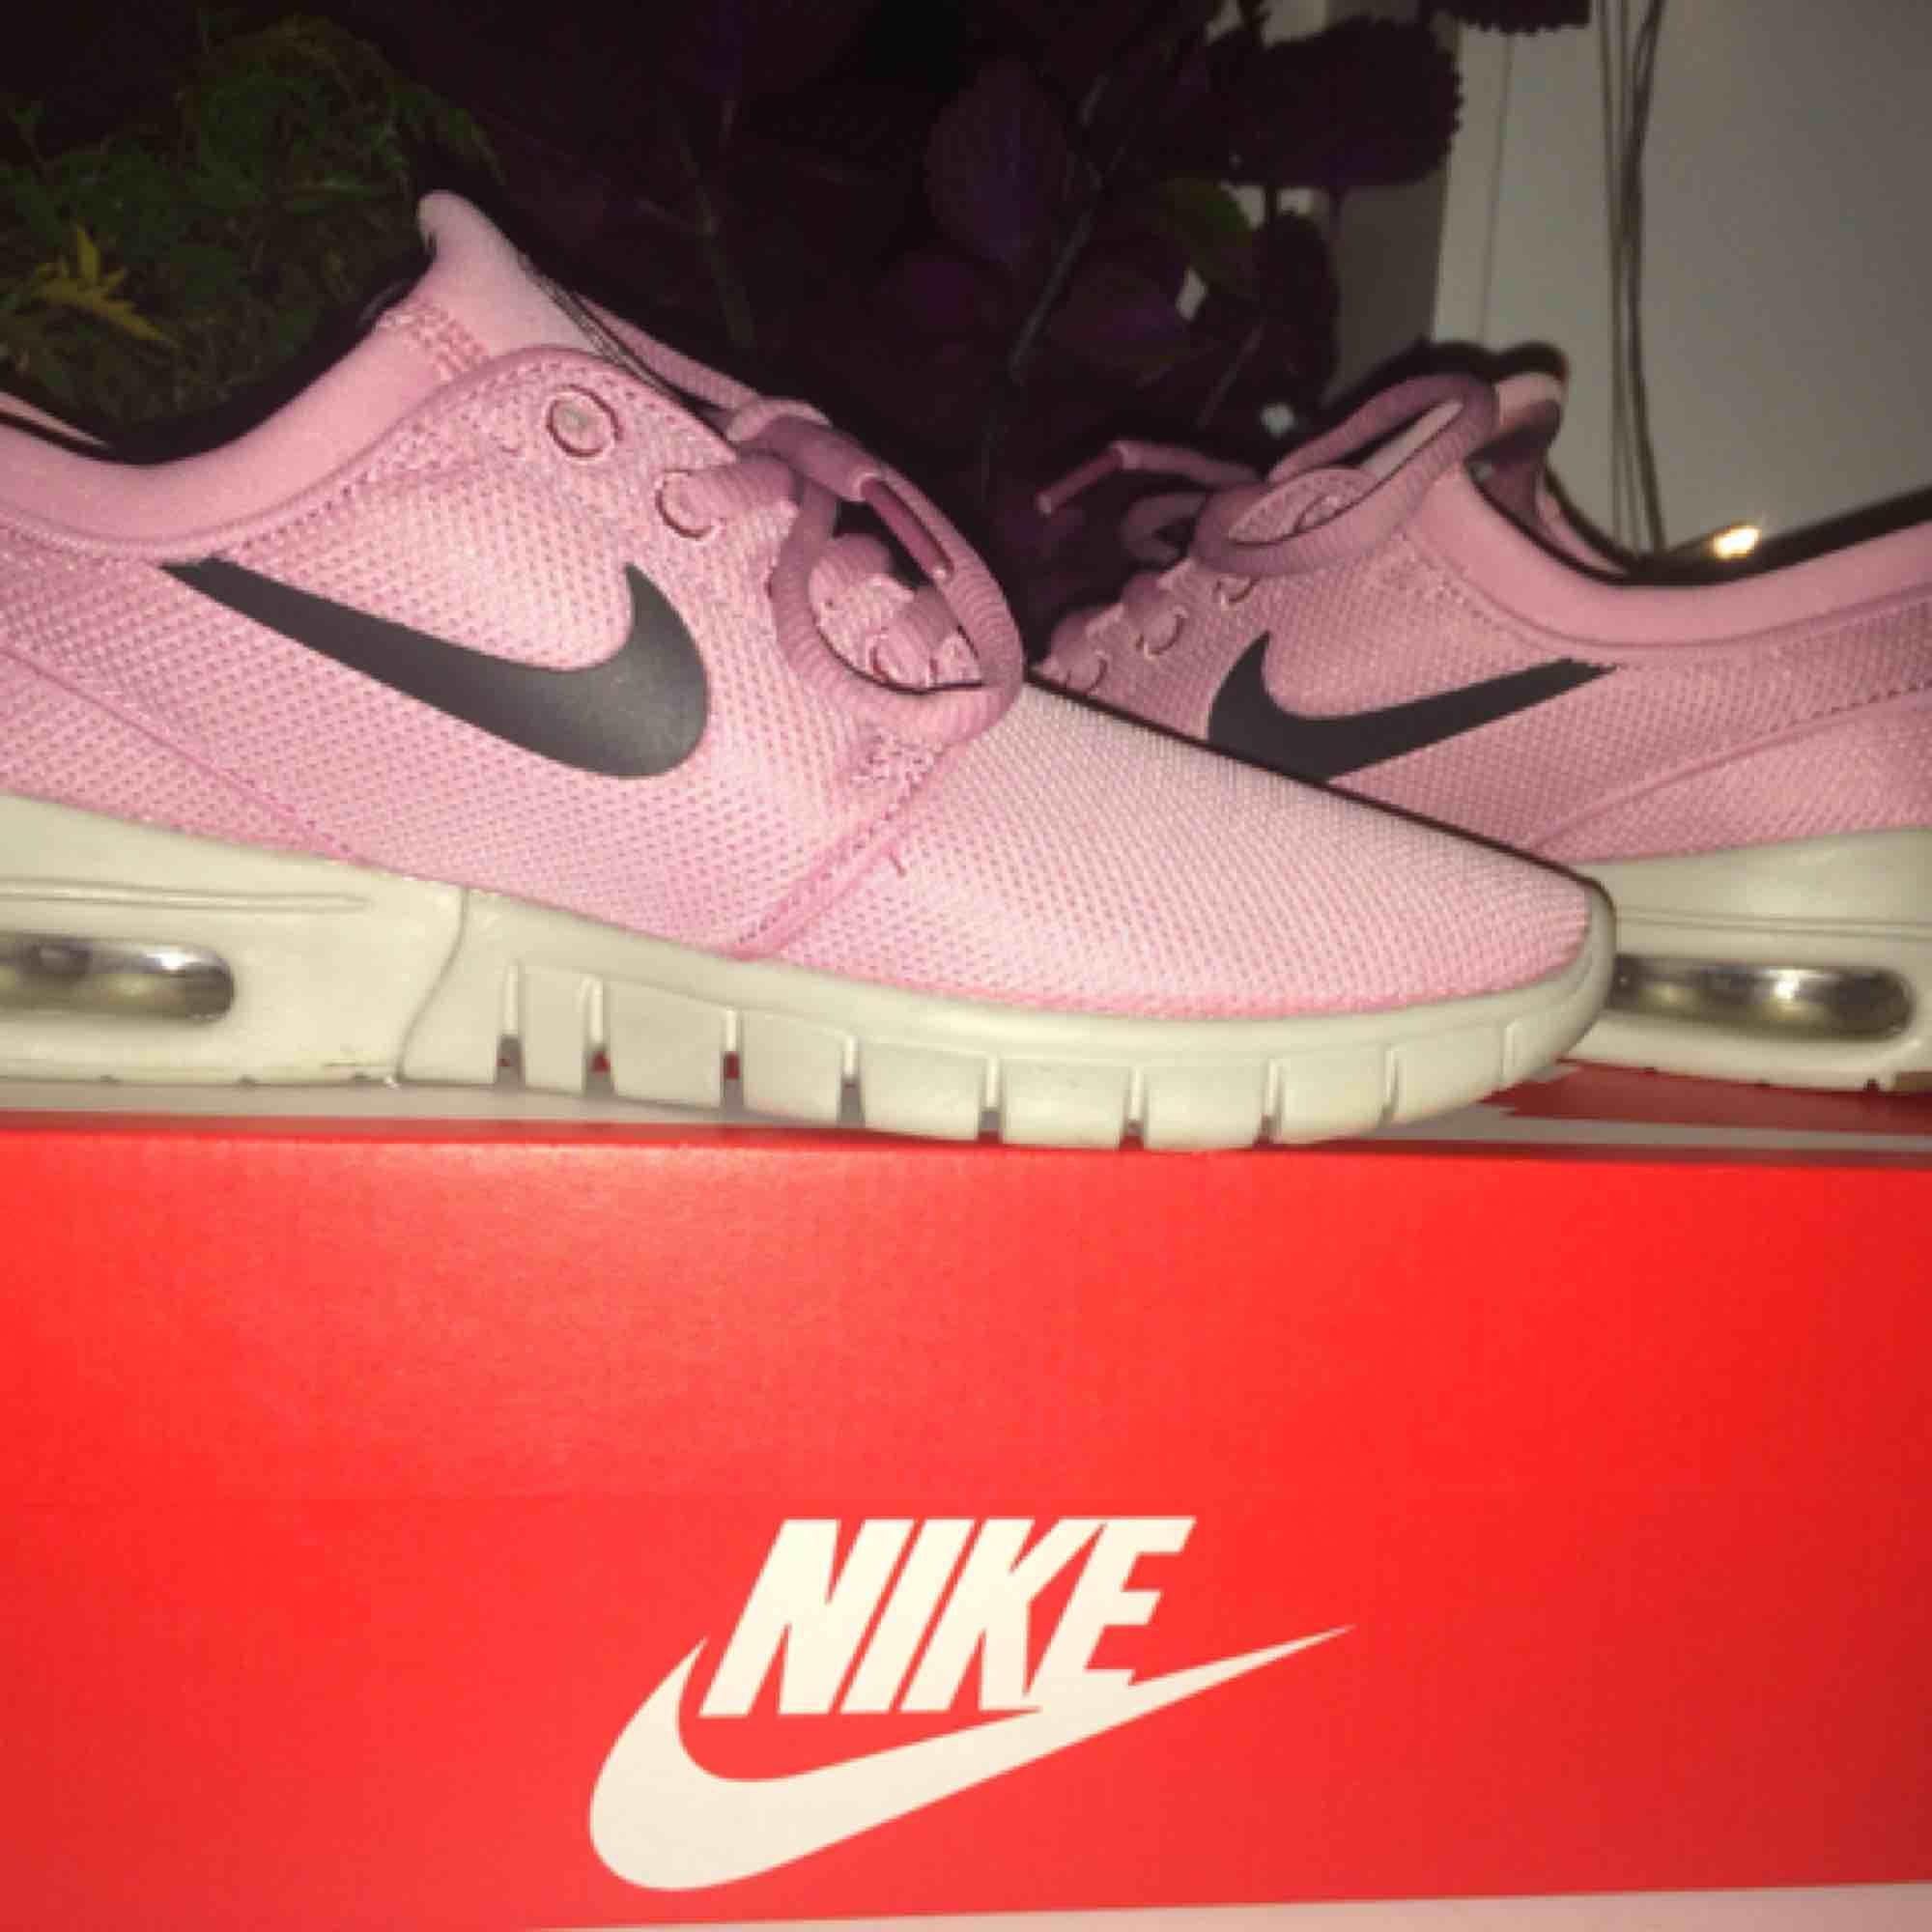 hot sale online 768b7 5b0d4 Nike skor i storlek 37,5, köpte i somras men bara använt dom cirka ...